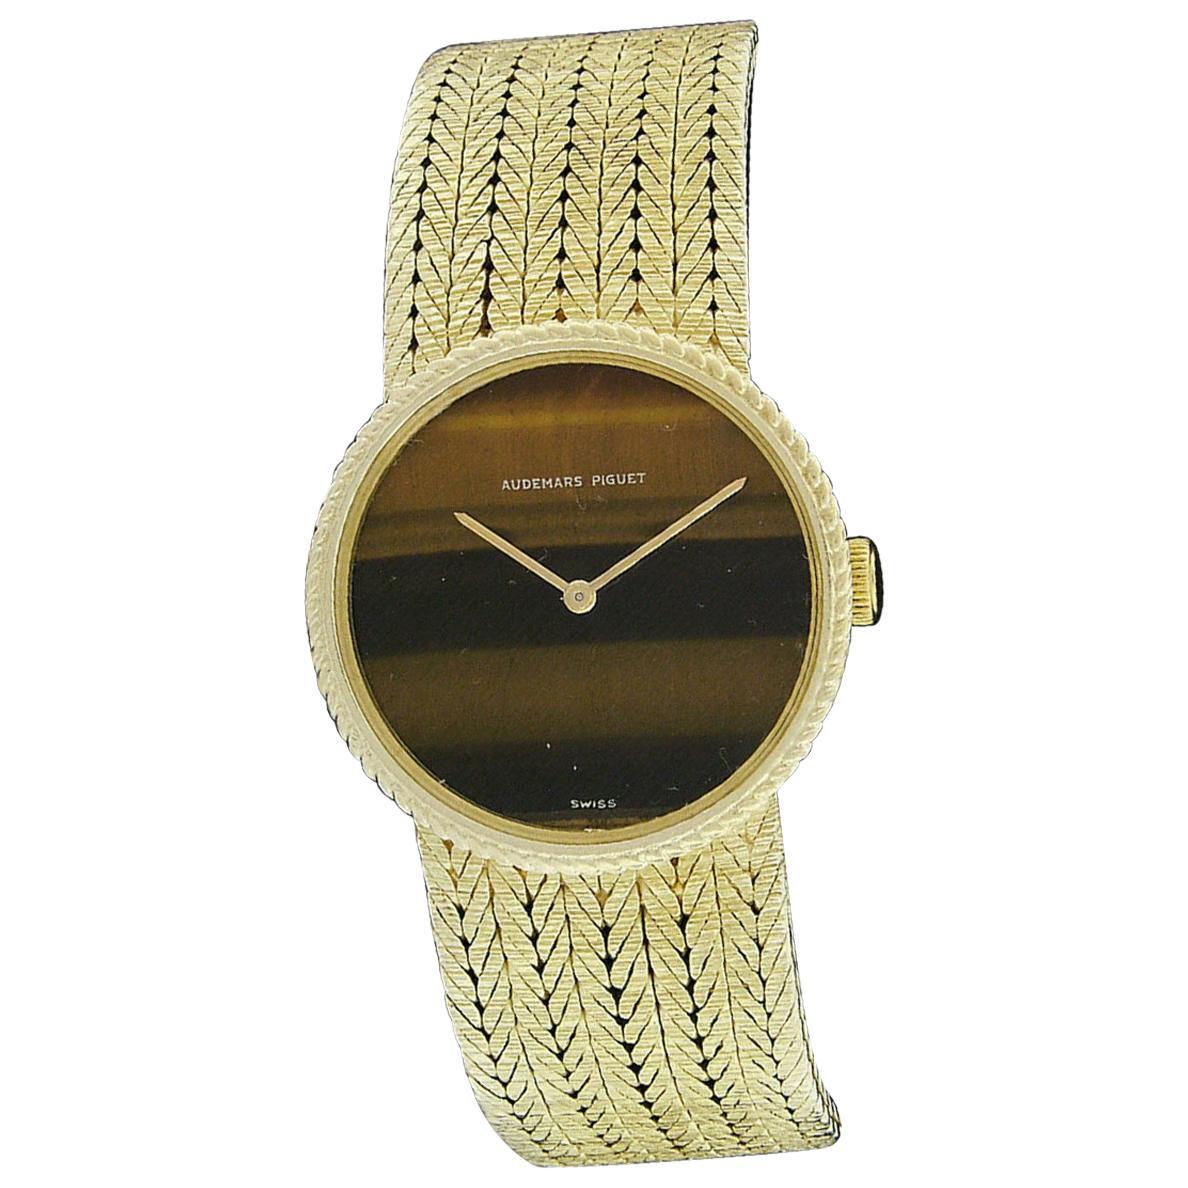 Ladies' Audemars Piguet 18 Karat Gold Tiger's Eye and Mesh Bracelet Wristwatch